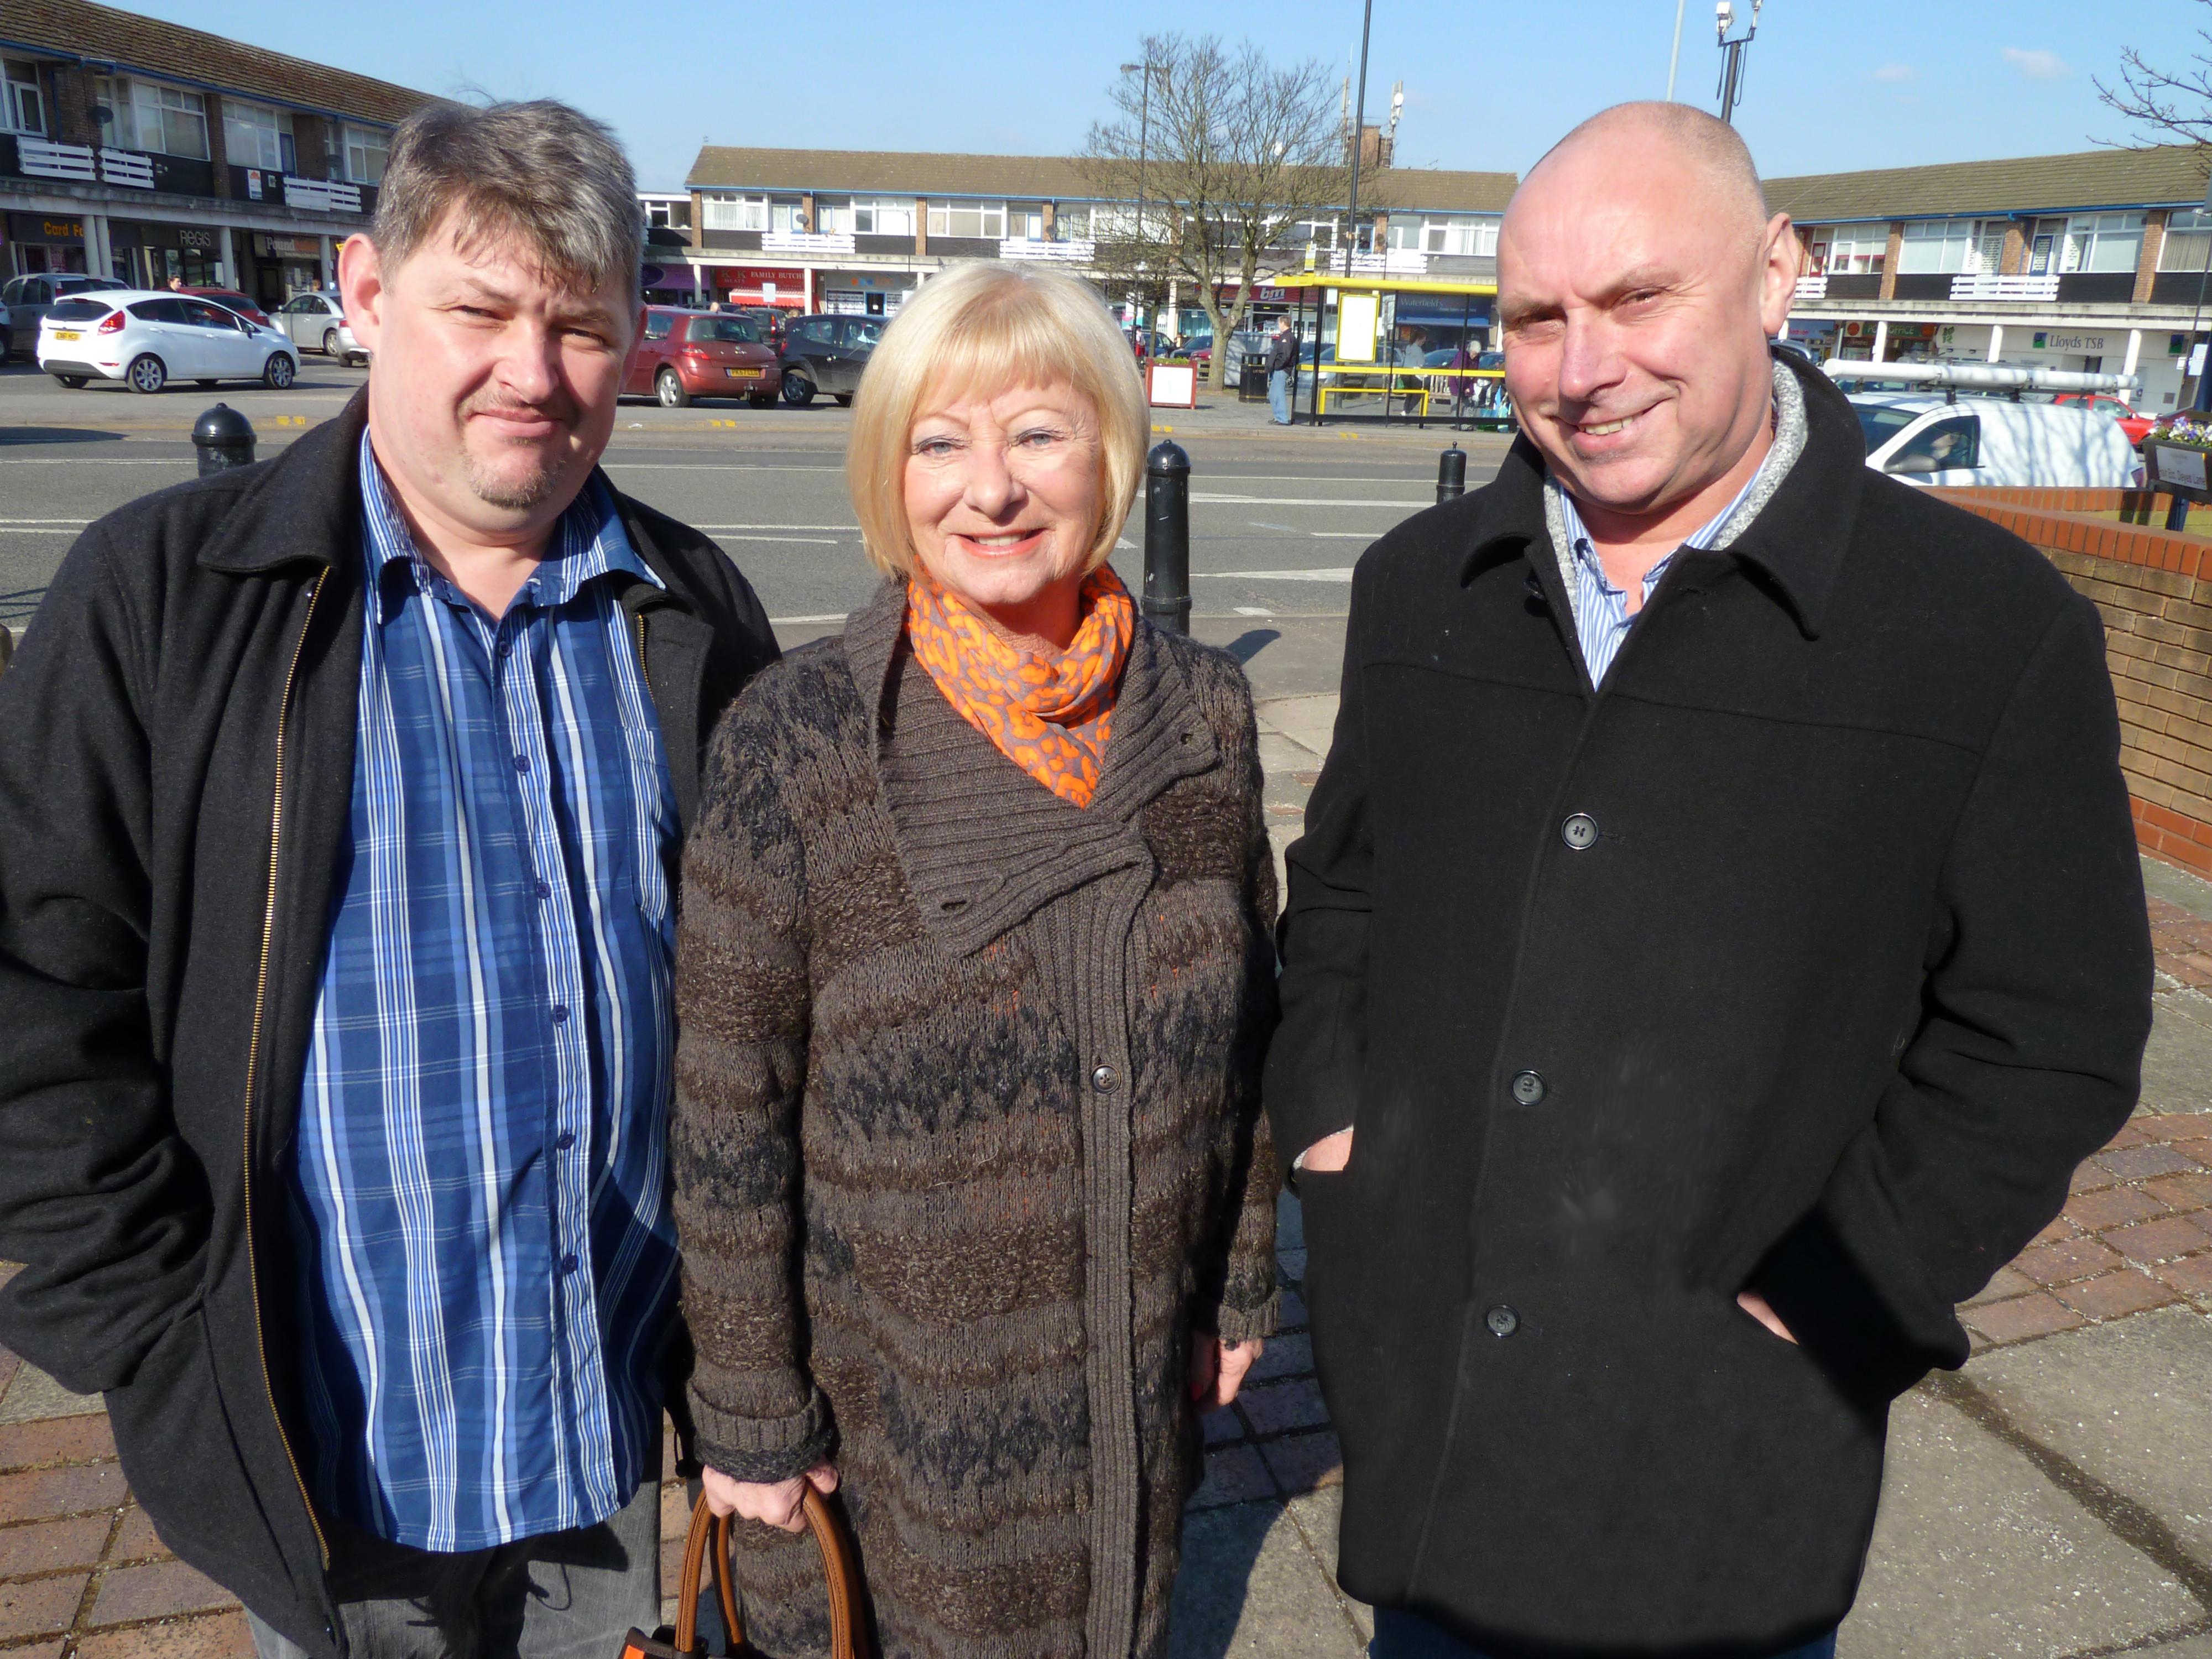 John Jarvis, Joan Deegan and Dave Jones